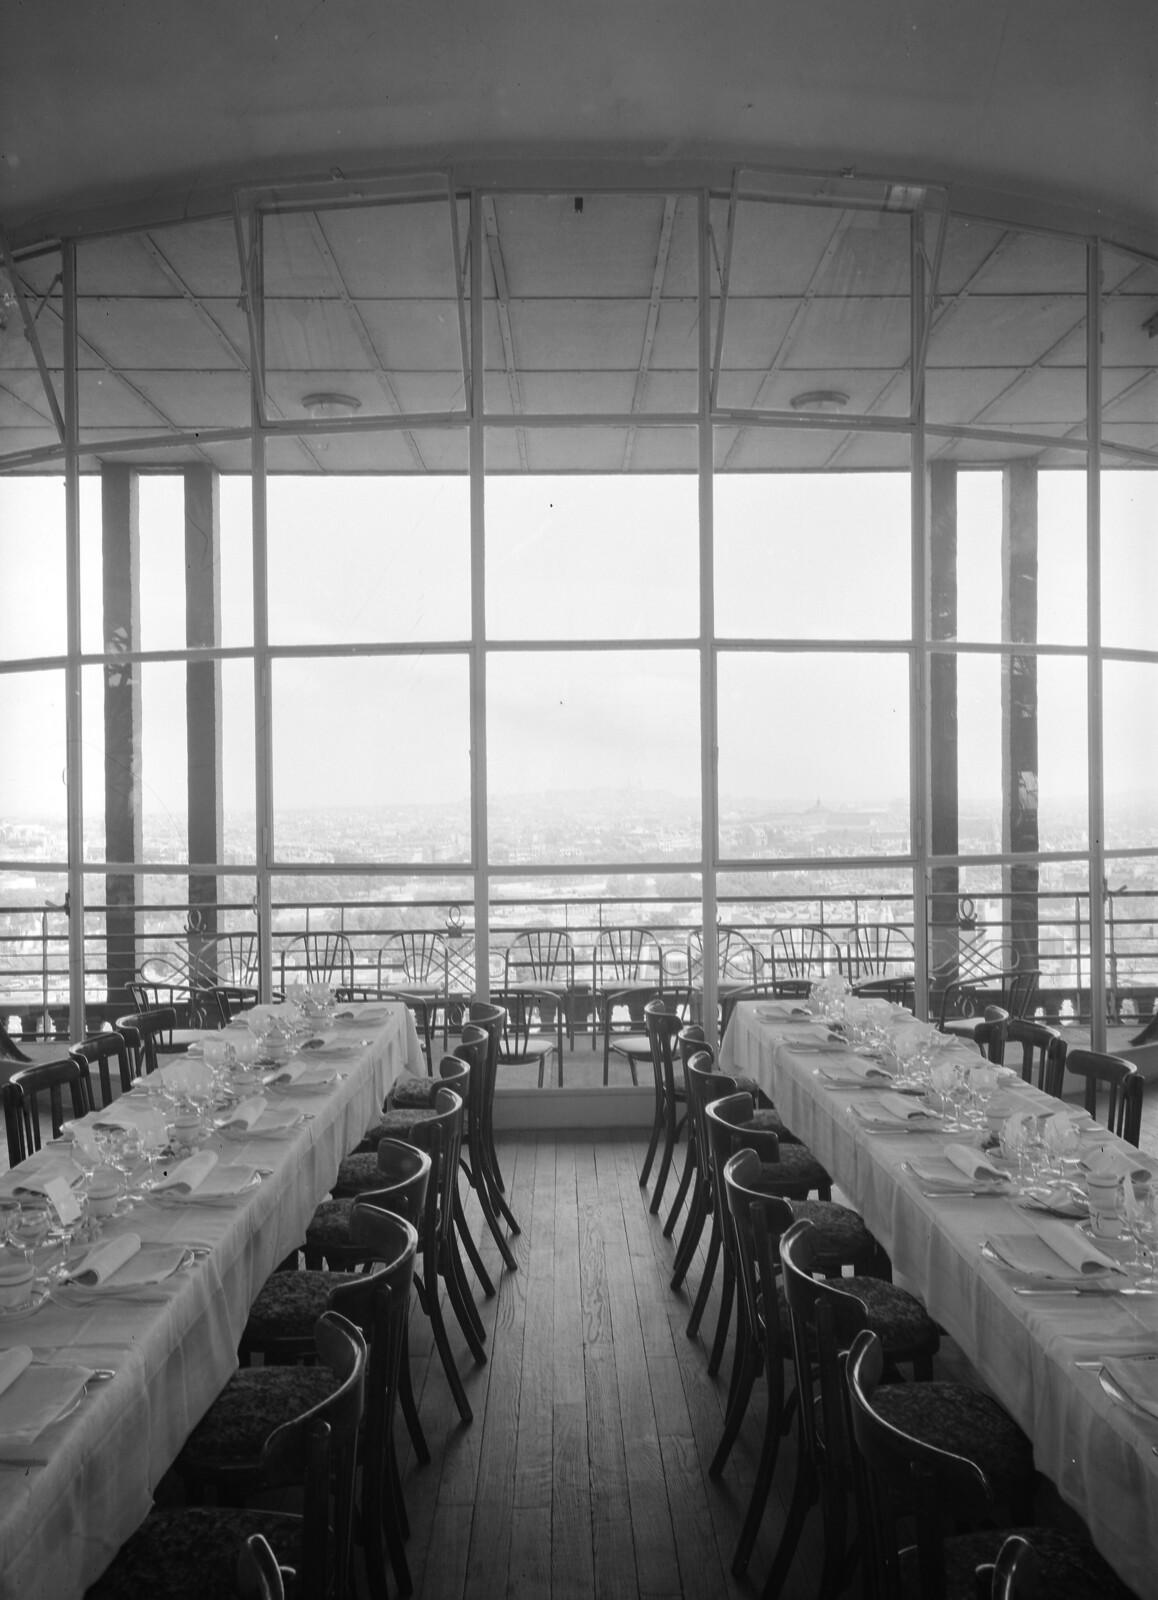 03. Эйфелева башня. Ресторанный зал на втором этаже. 7 округ